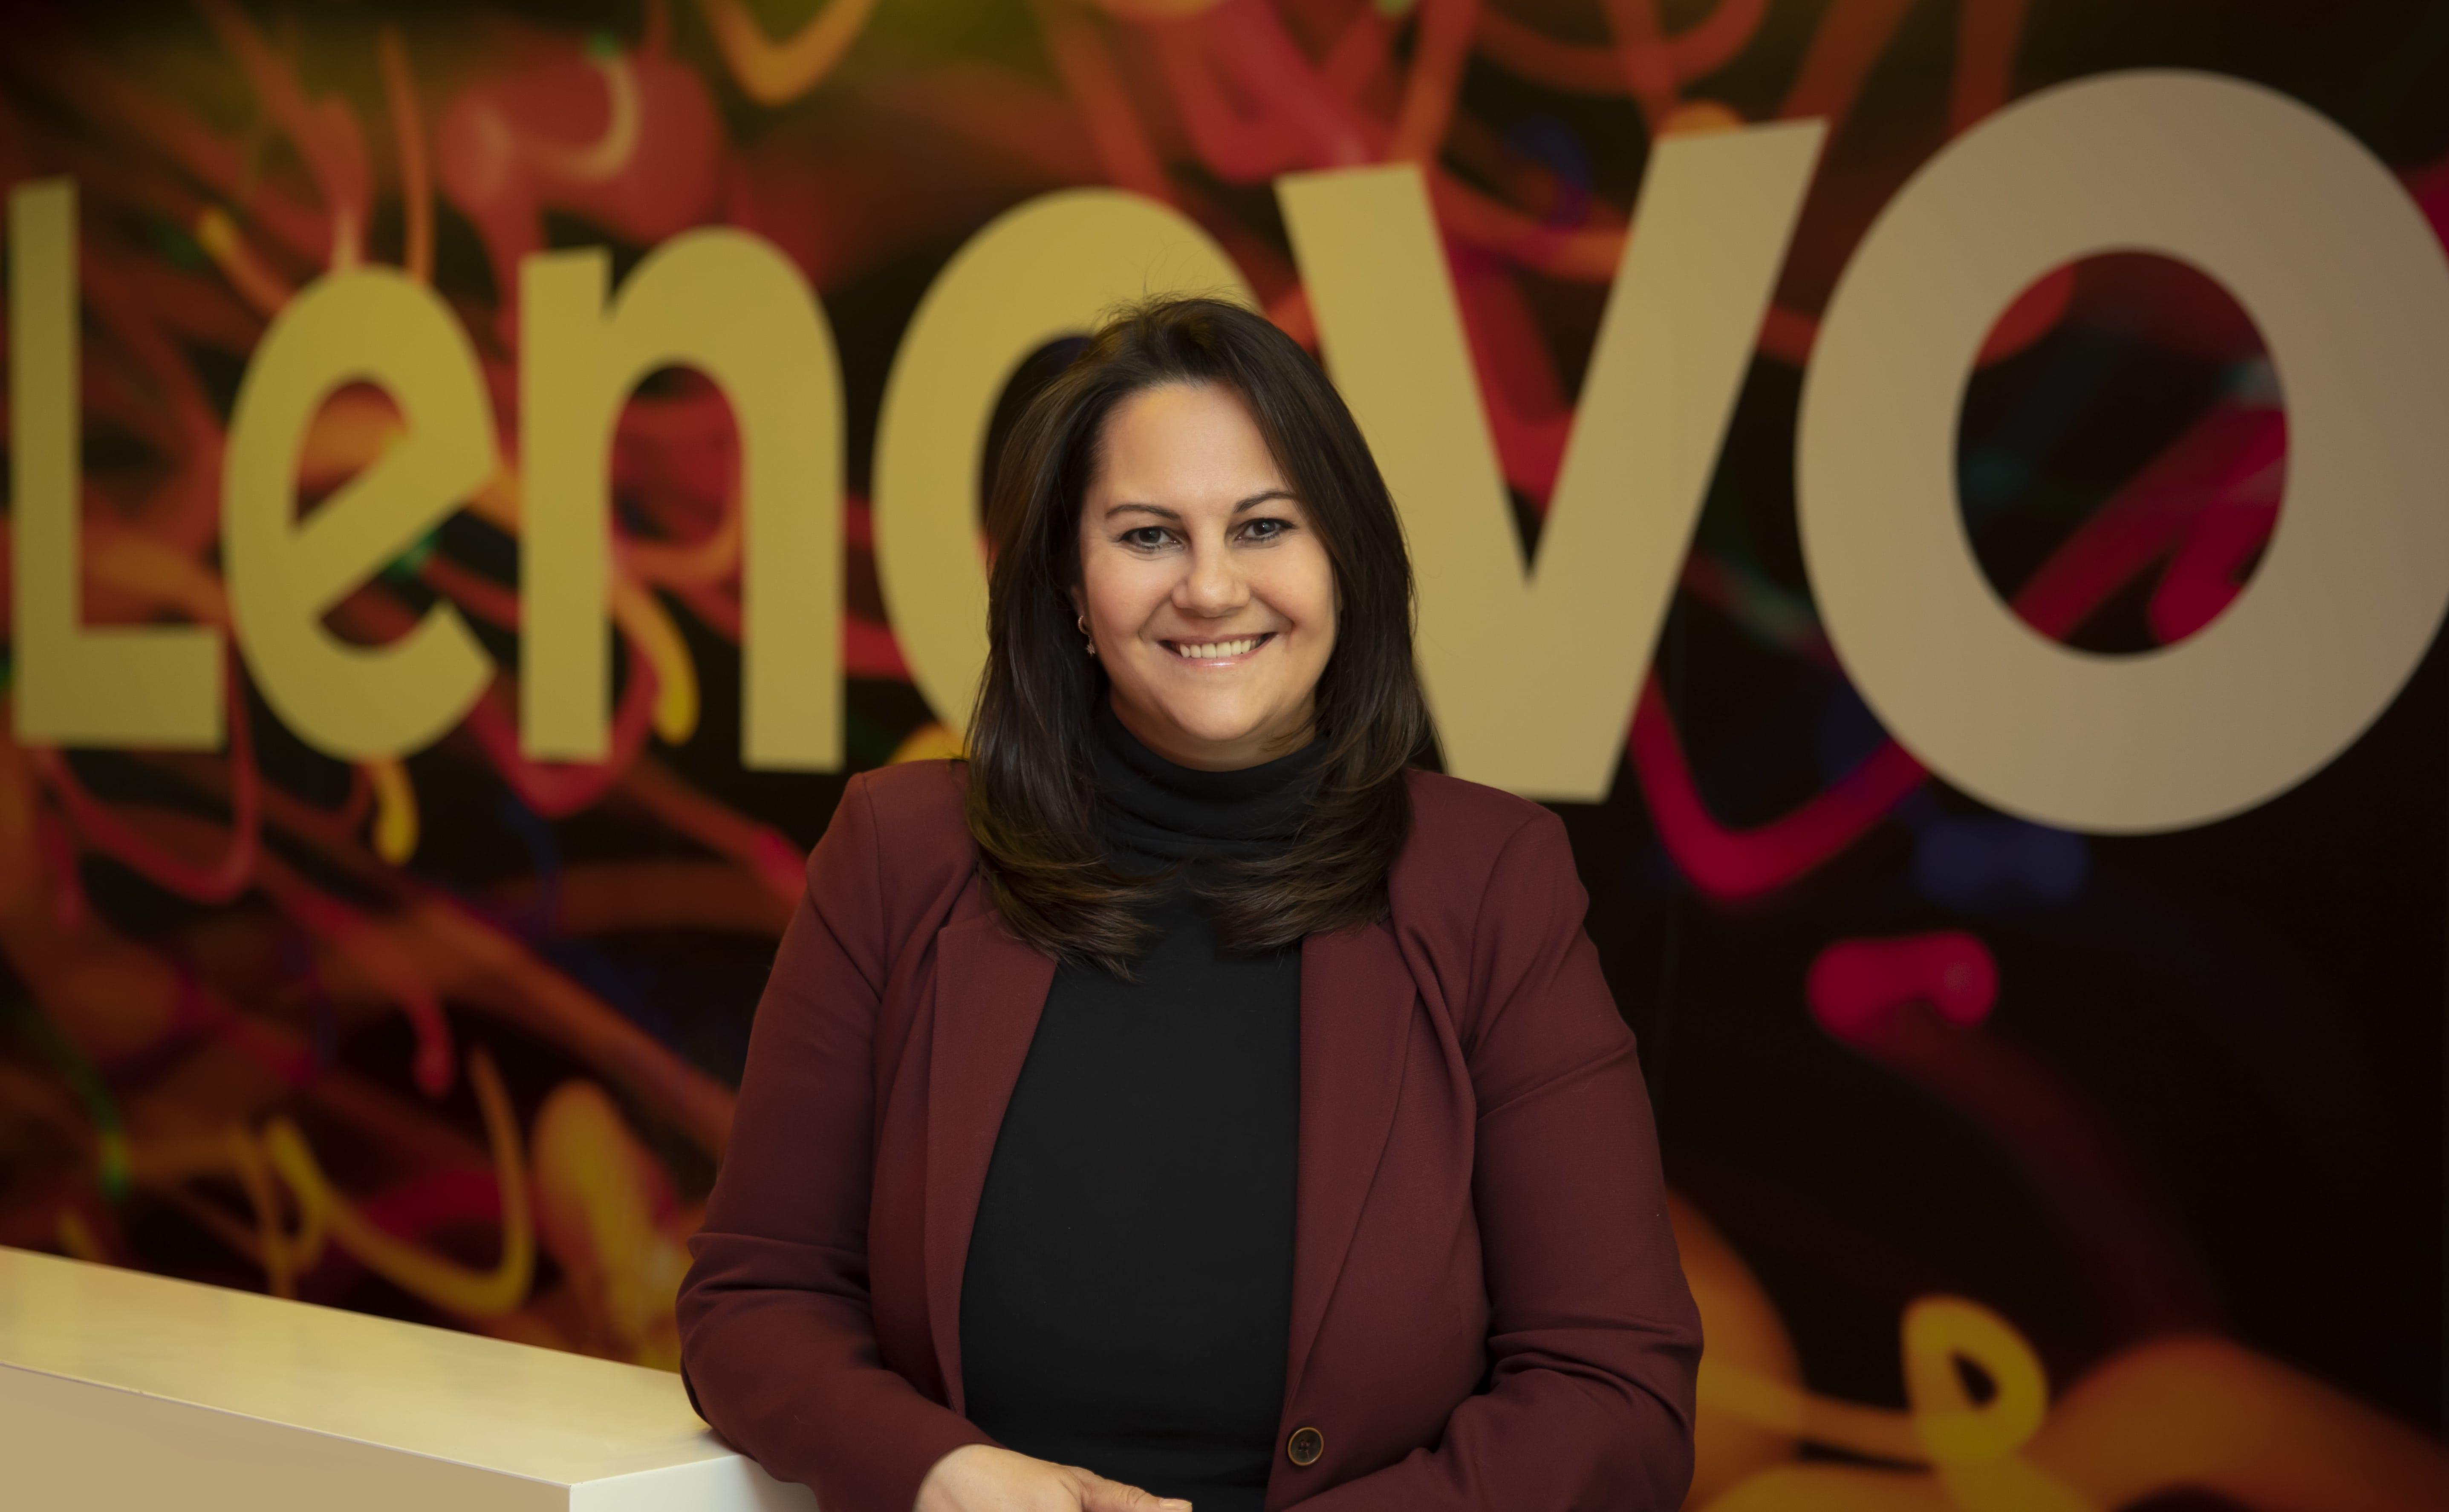 """Lenovo Türkiye Pazarlama ve İletişimden Sorumlu Genel Müdür YardımcısıBanu Soyak: """"Başarılı olmanın yolu teknolojiye ayak uydurmak"""""""